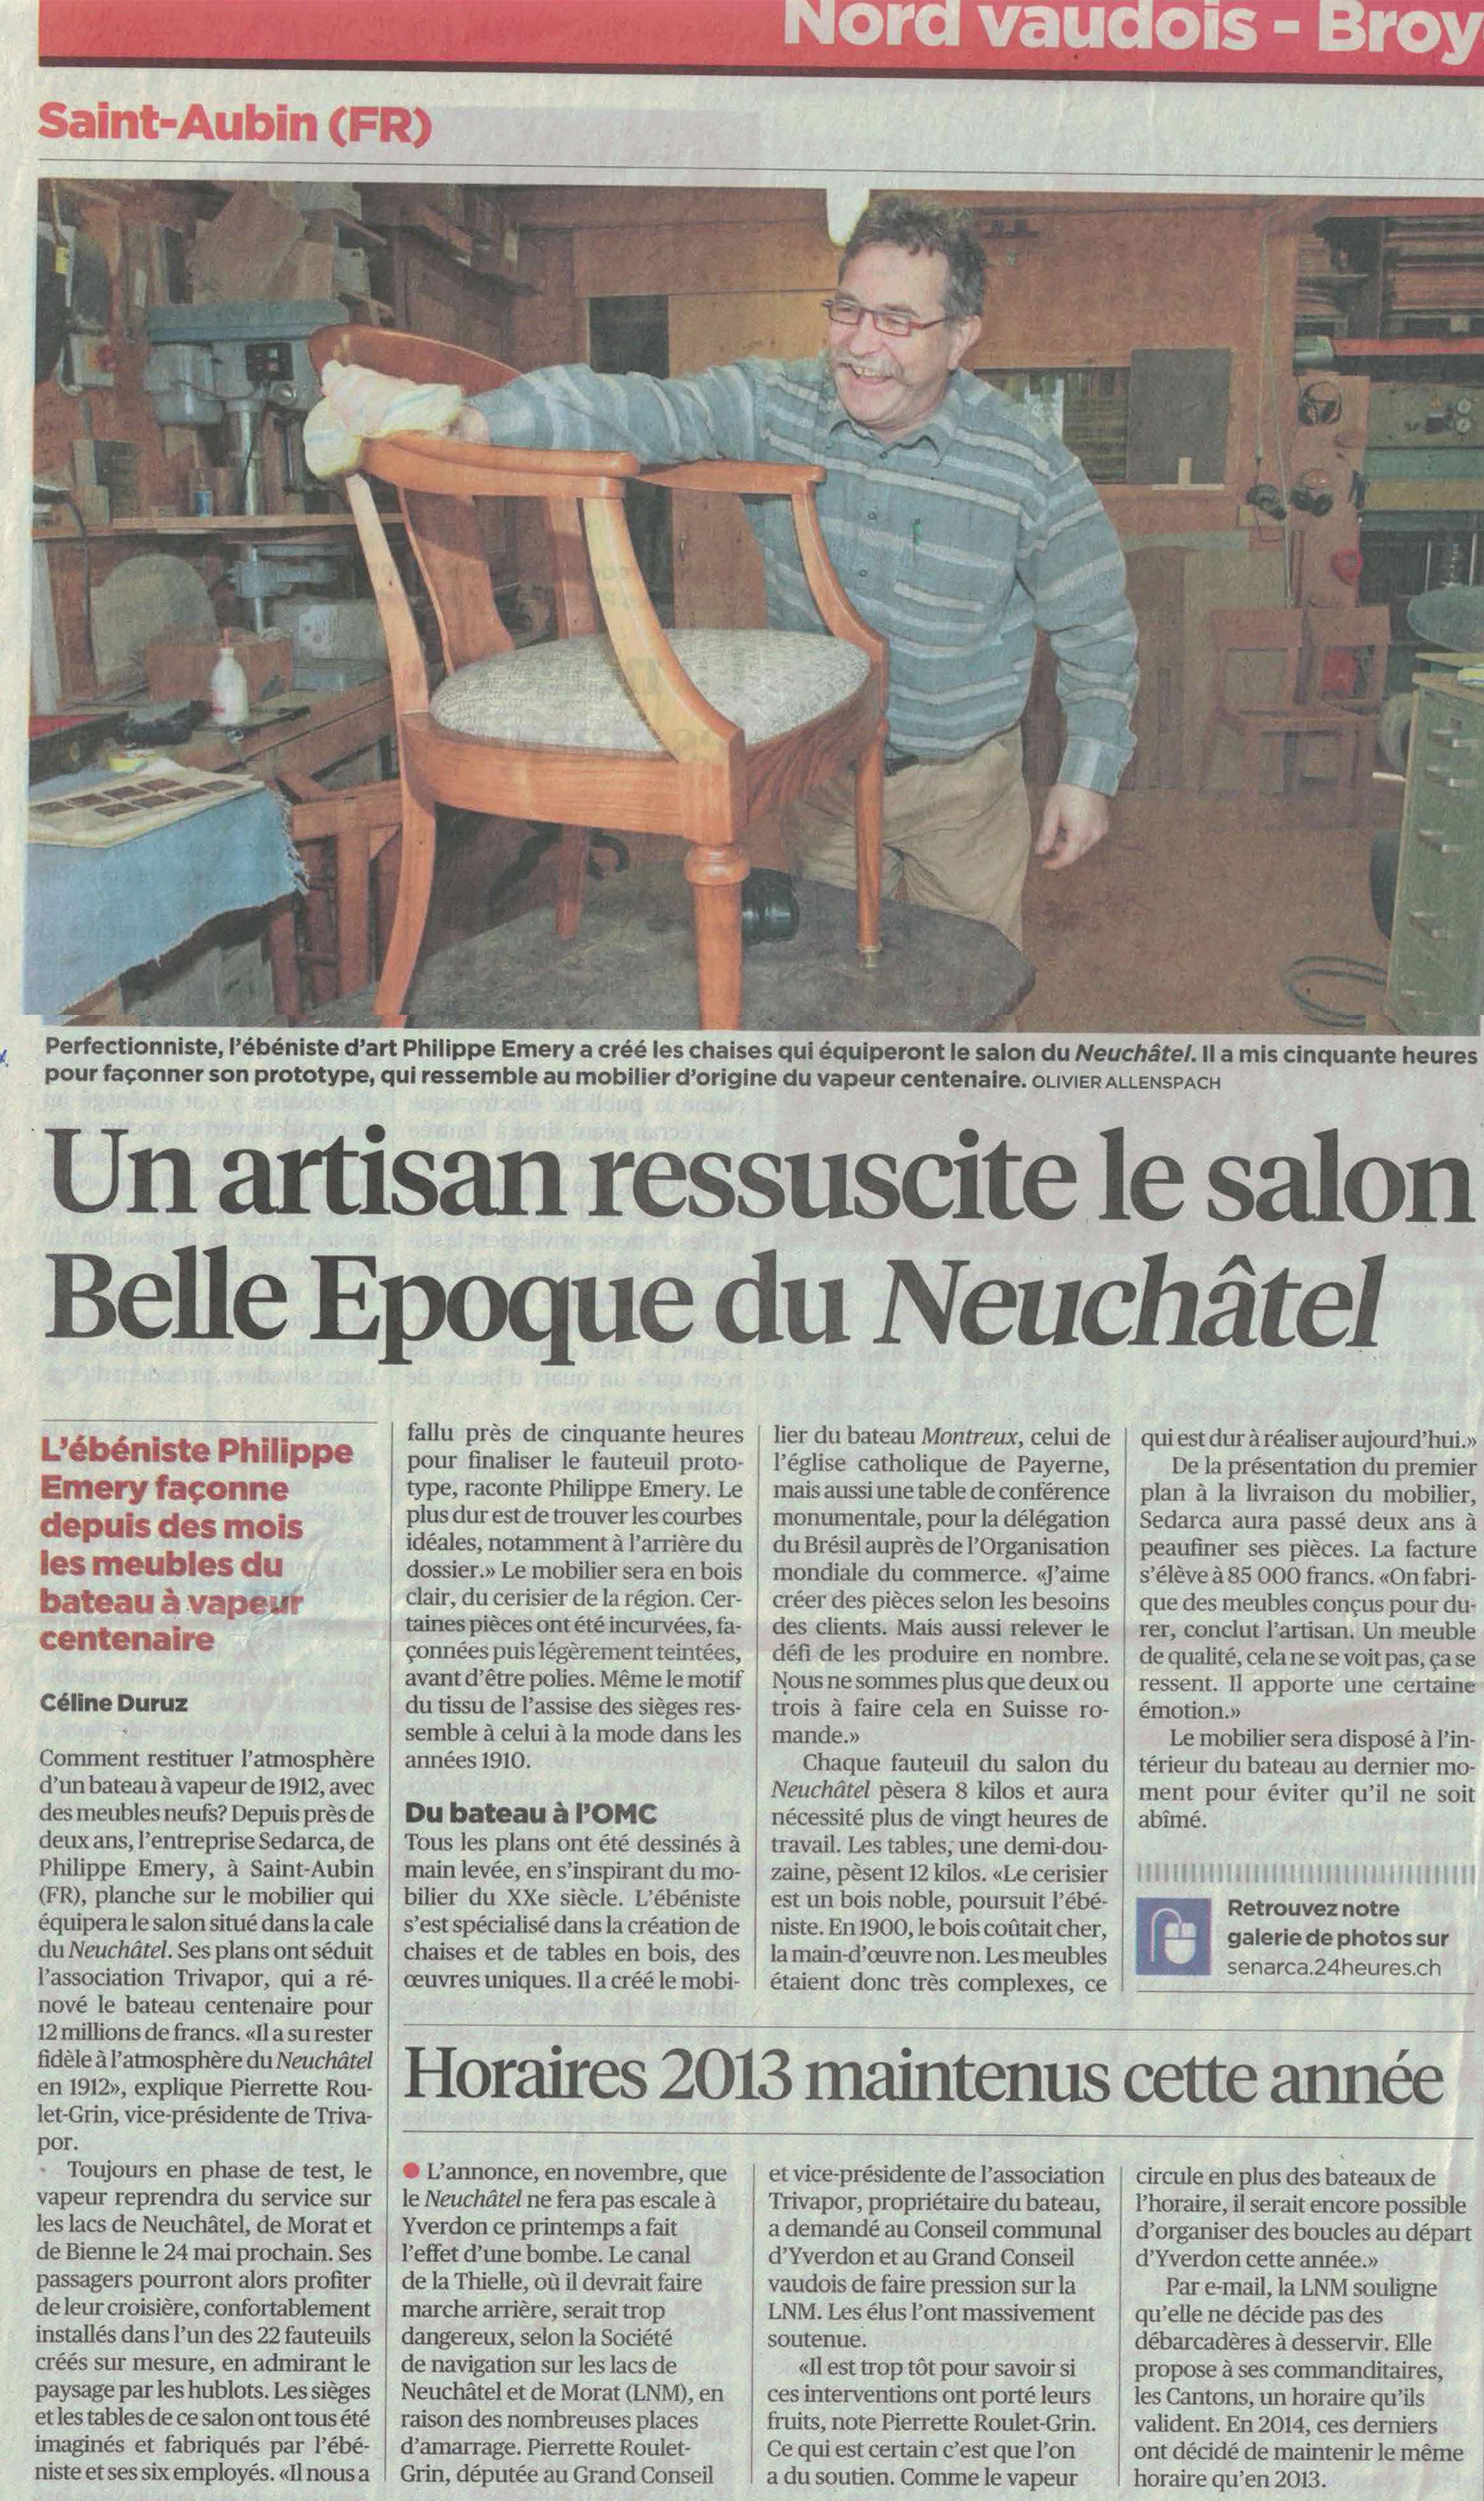 article du 1er janvier 2014 du journal 24 Heures